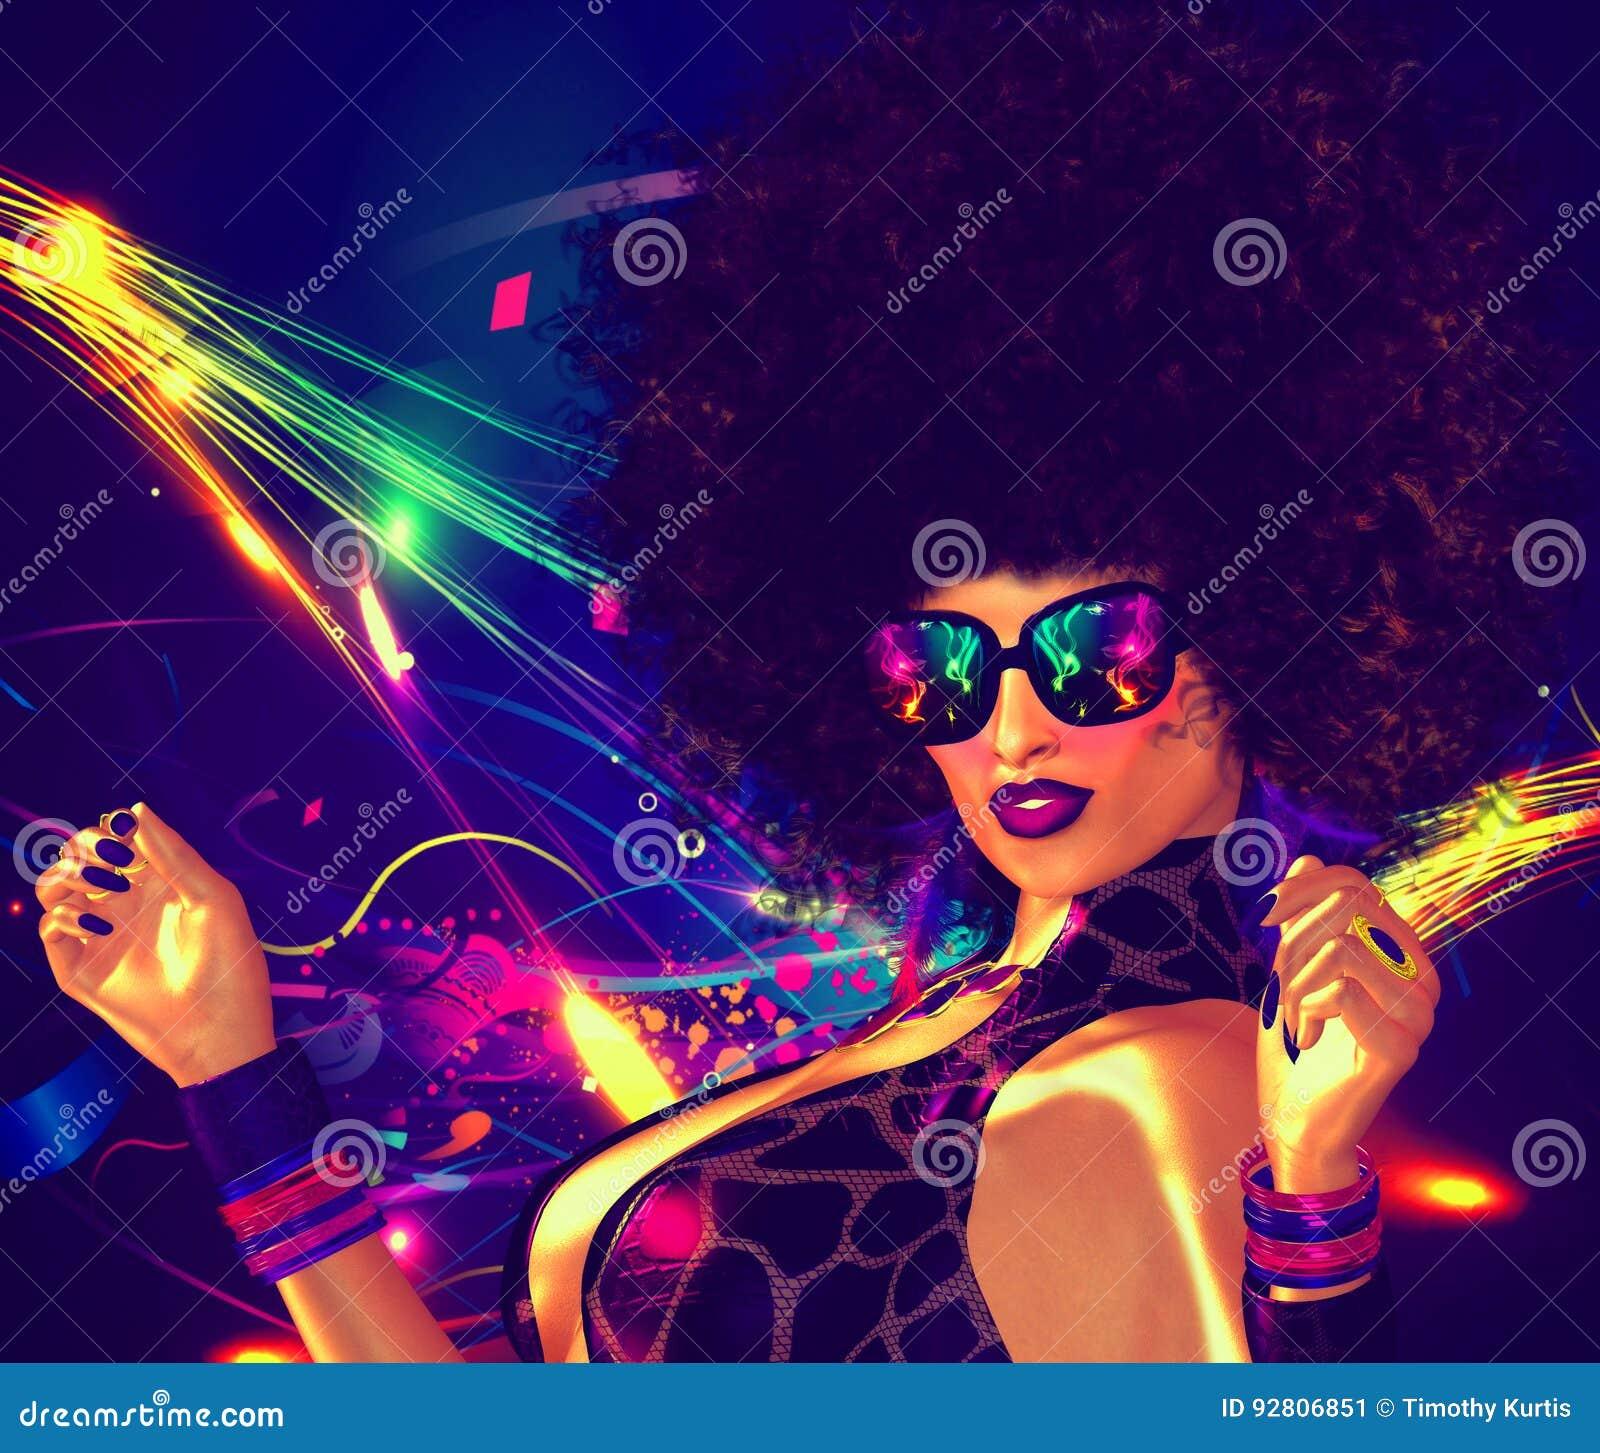 葡萄酒,减速火箭,迪斯科有蓬松卷发发型的舞蹈家女孩 娱乐的性感,高能图象,聚成棍棒状一团和夜生活题材